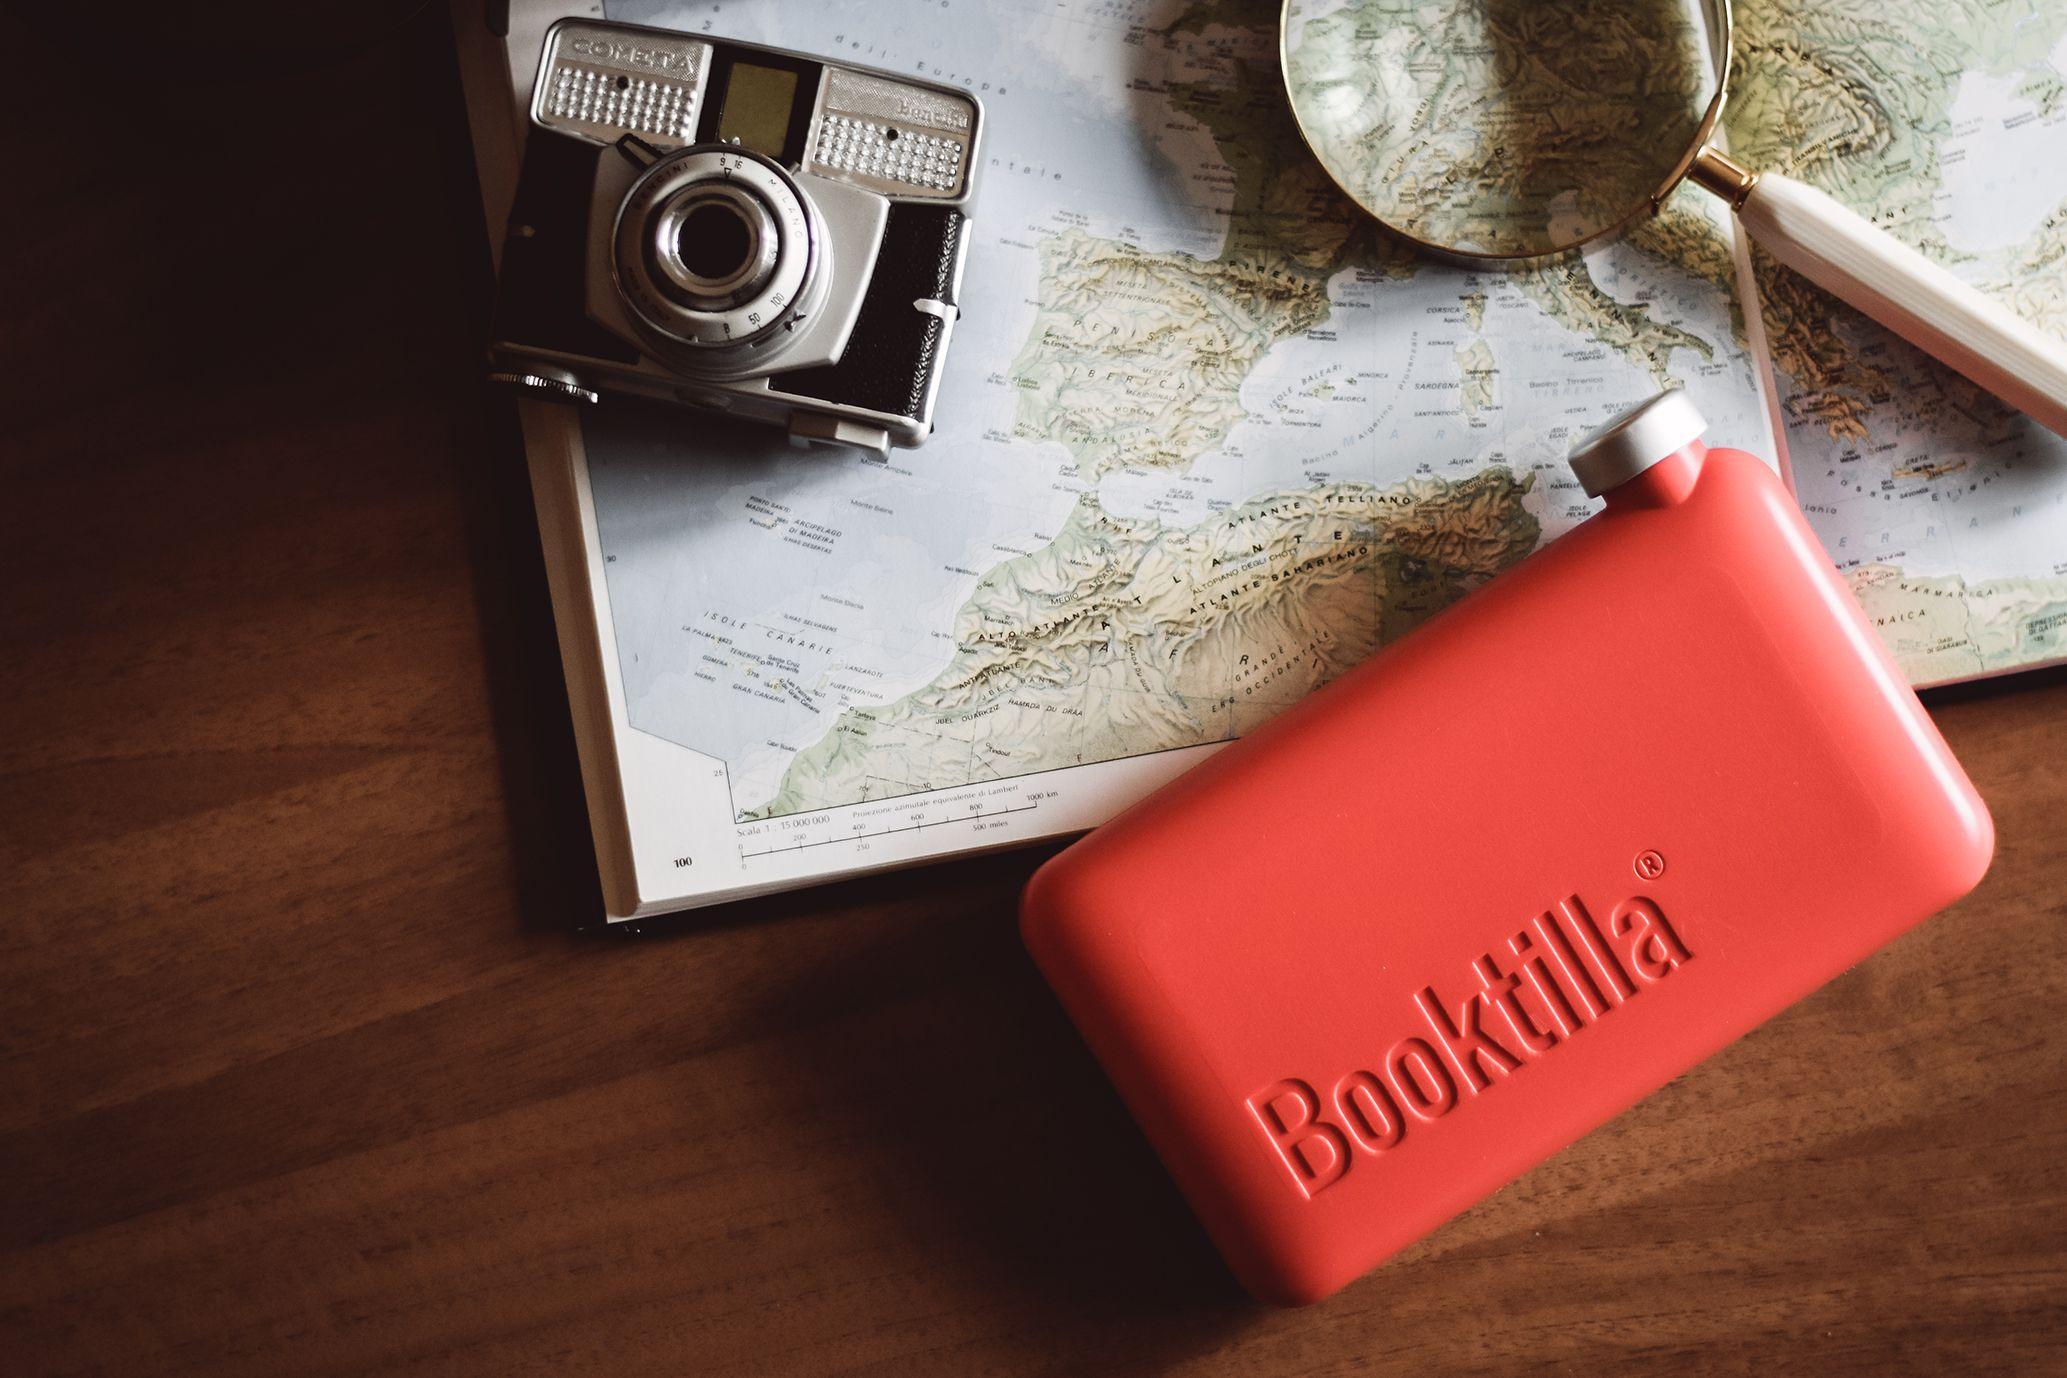 Booktilla®: la borraccia piatta letteraria e innovativa